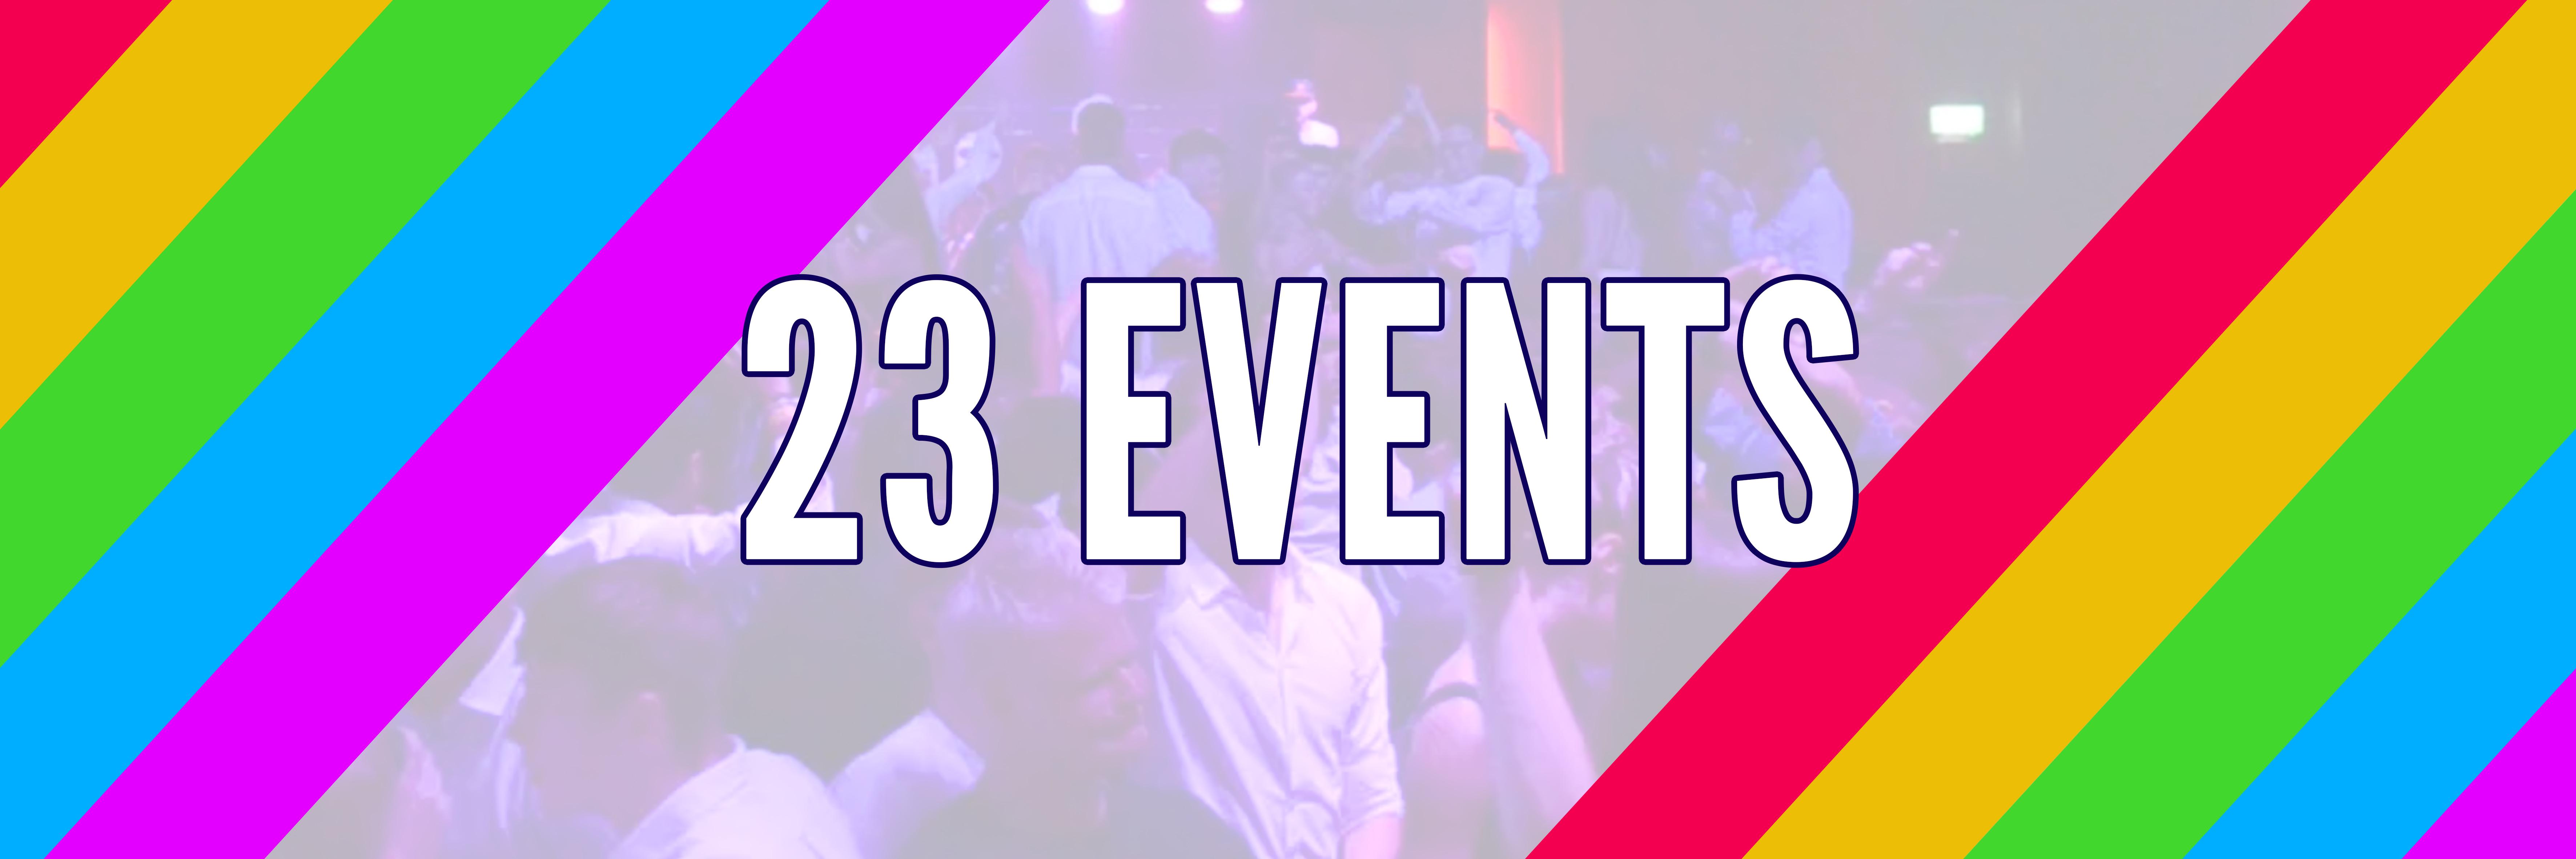 23 eventssmallertext